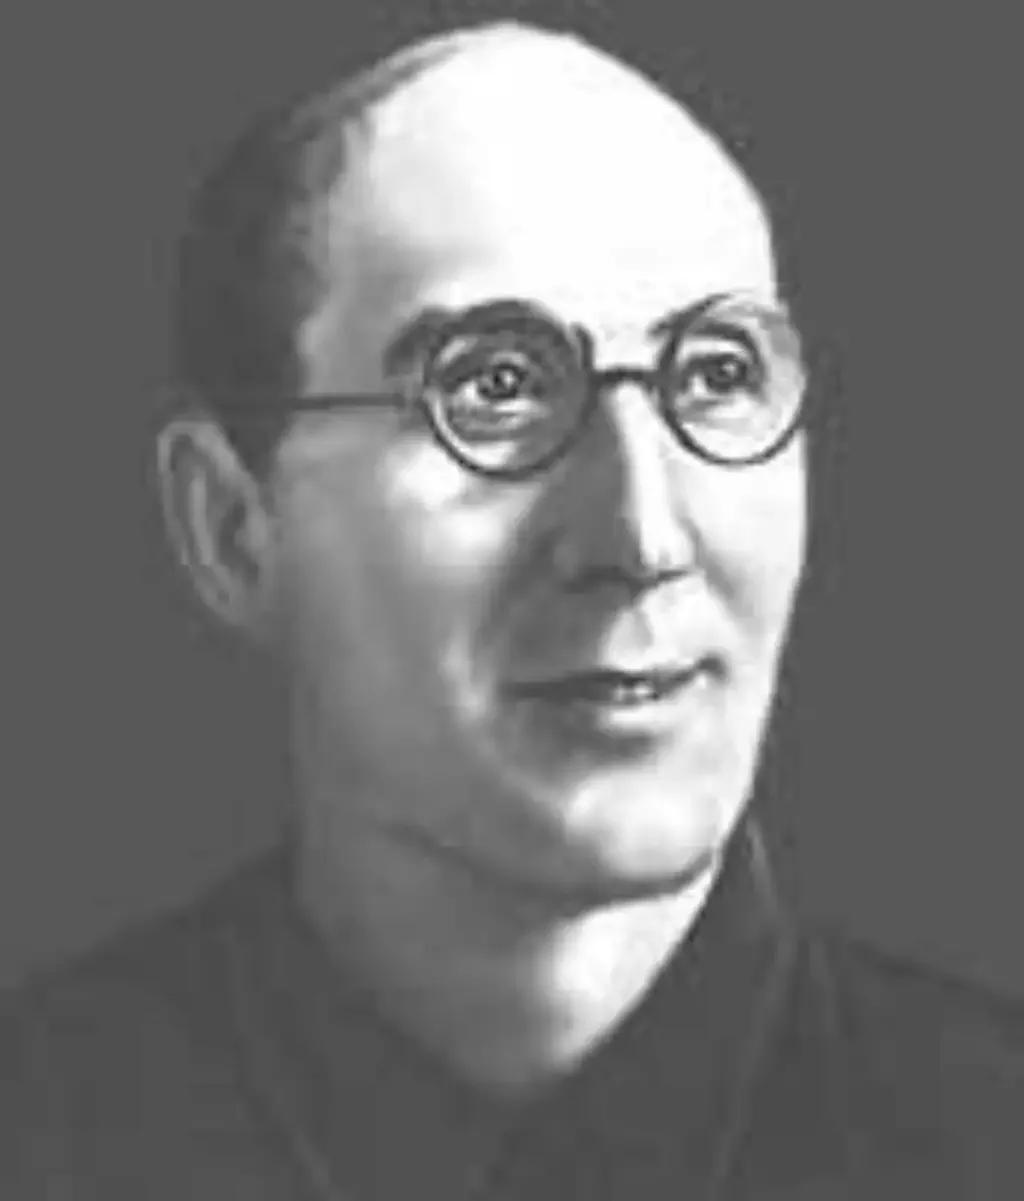 Сергей Михайлович Третьяков (8 (20) июня 1892, Гольдинген — 10 сентября 1937, Москва) — русский публицист, драматург и поэт-футурист, сценарист.